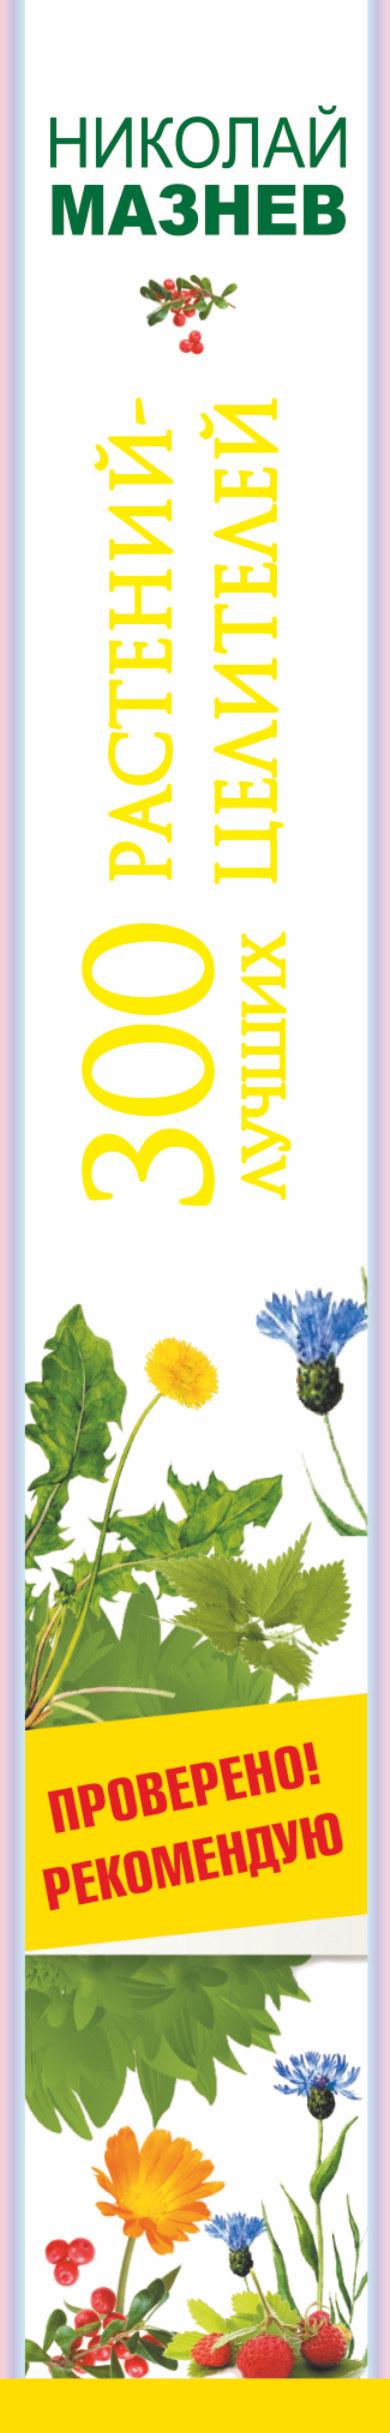 300 лучших растений-целителей